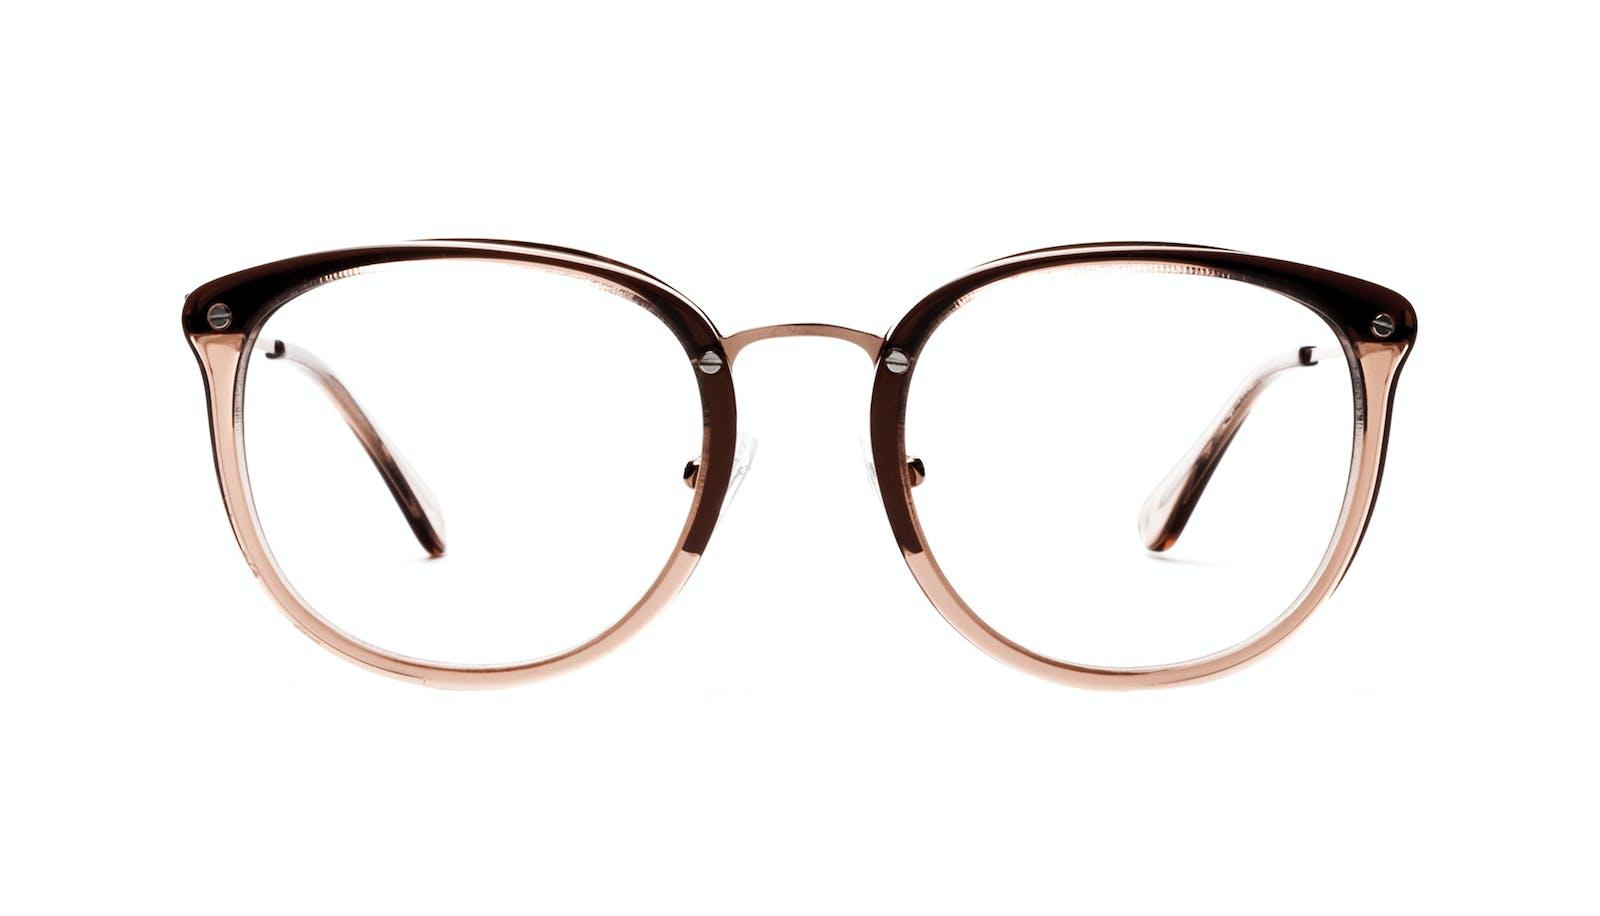 5db47a1c3e Women s Eyeglasses - Amaze in Mocha Tortoise